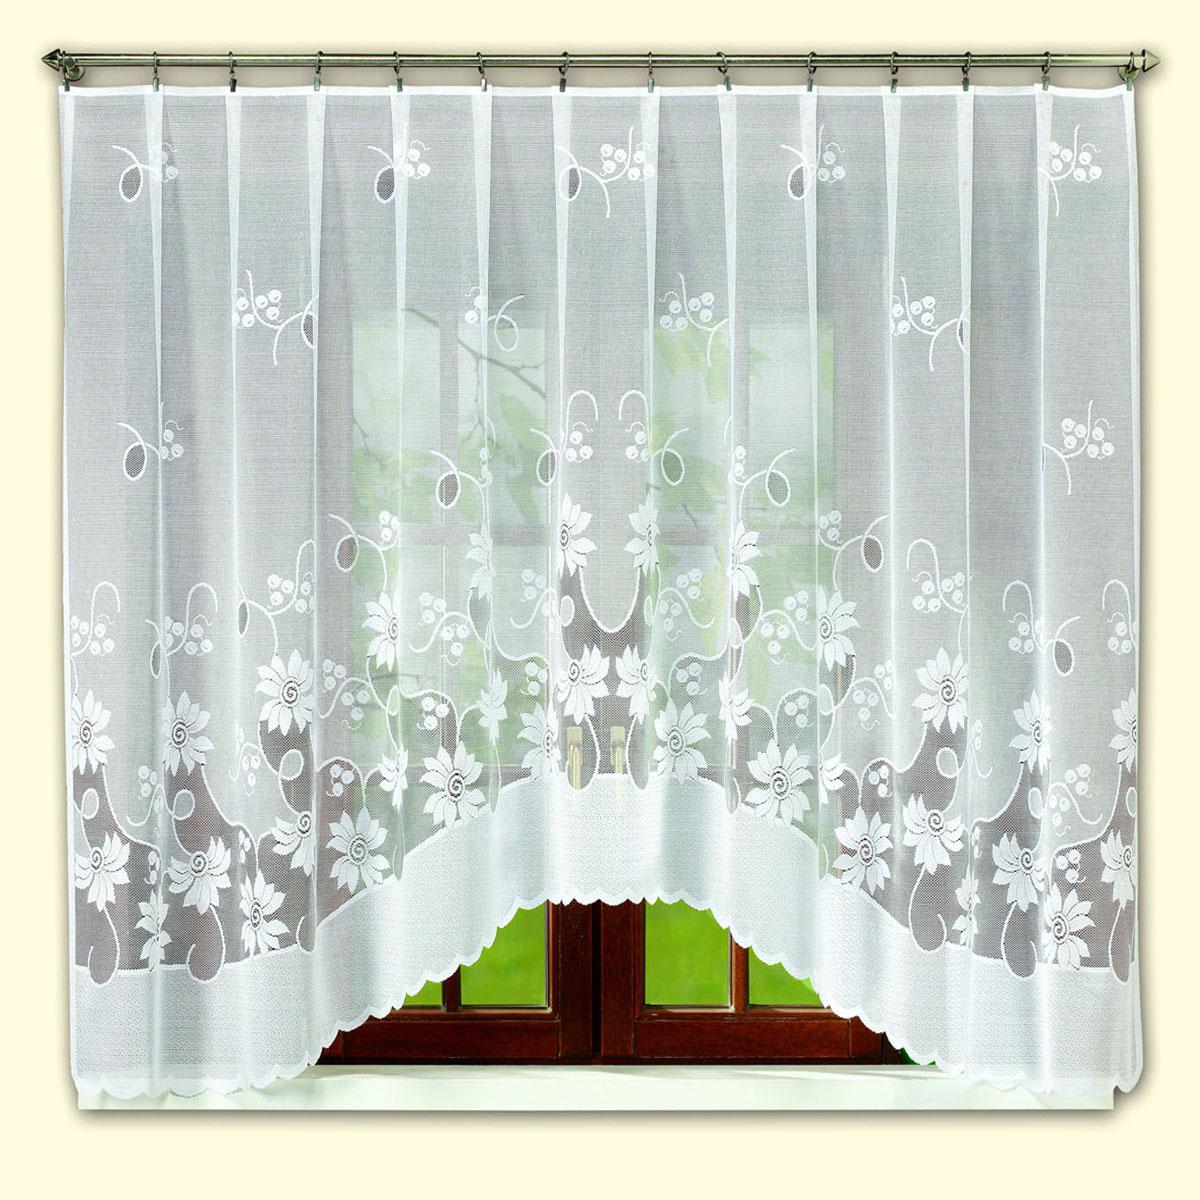 Гардина Haft, цвет: белый, ширина 400 см, высота 145 см. 46171/1454617/175Гардина Haft изготовленная из полиэстера, станет изюминкой интерьера вашей комнаты.